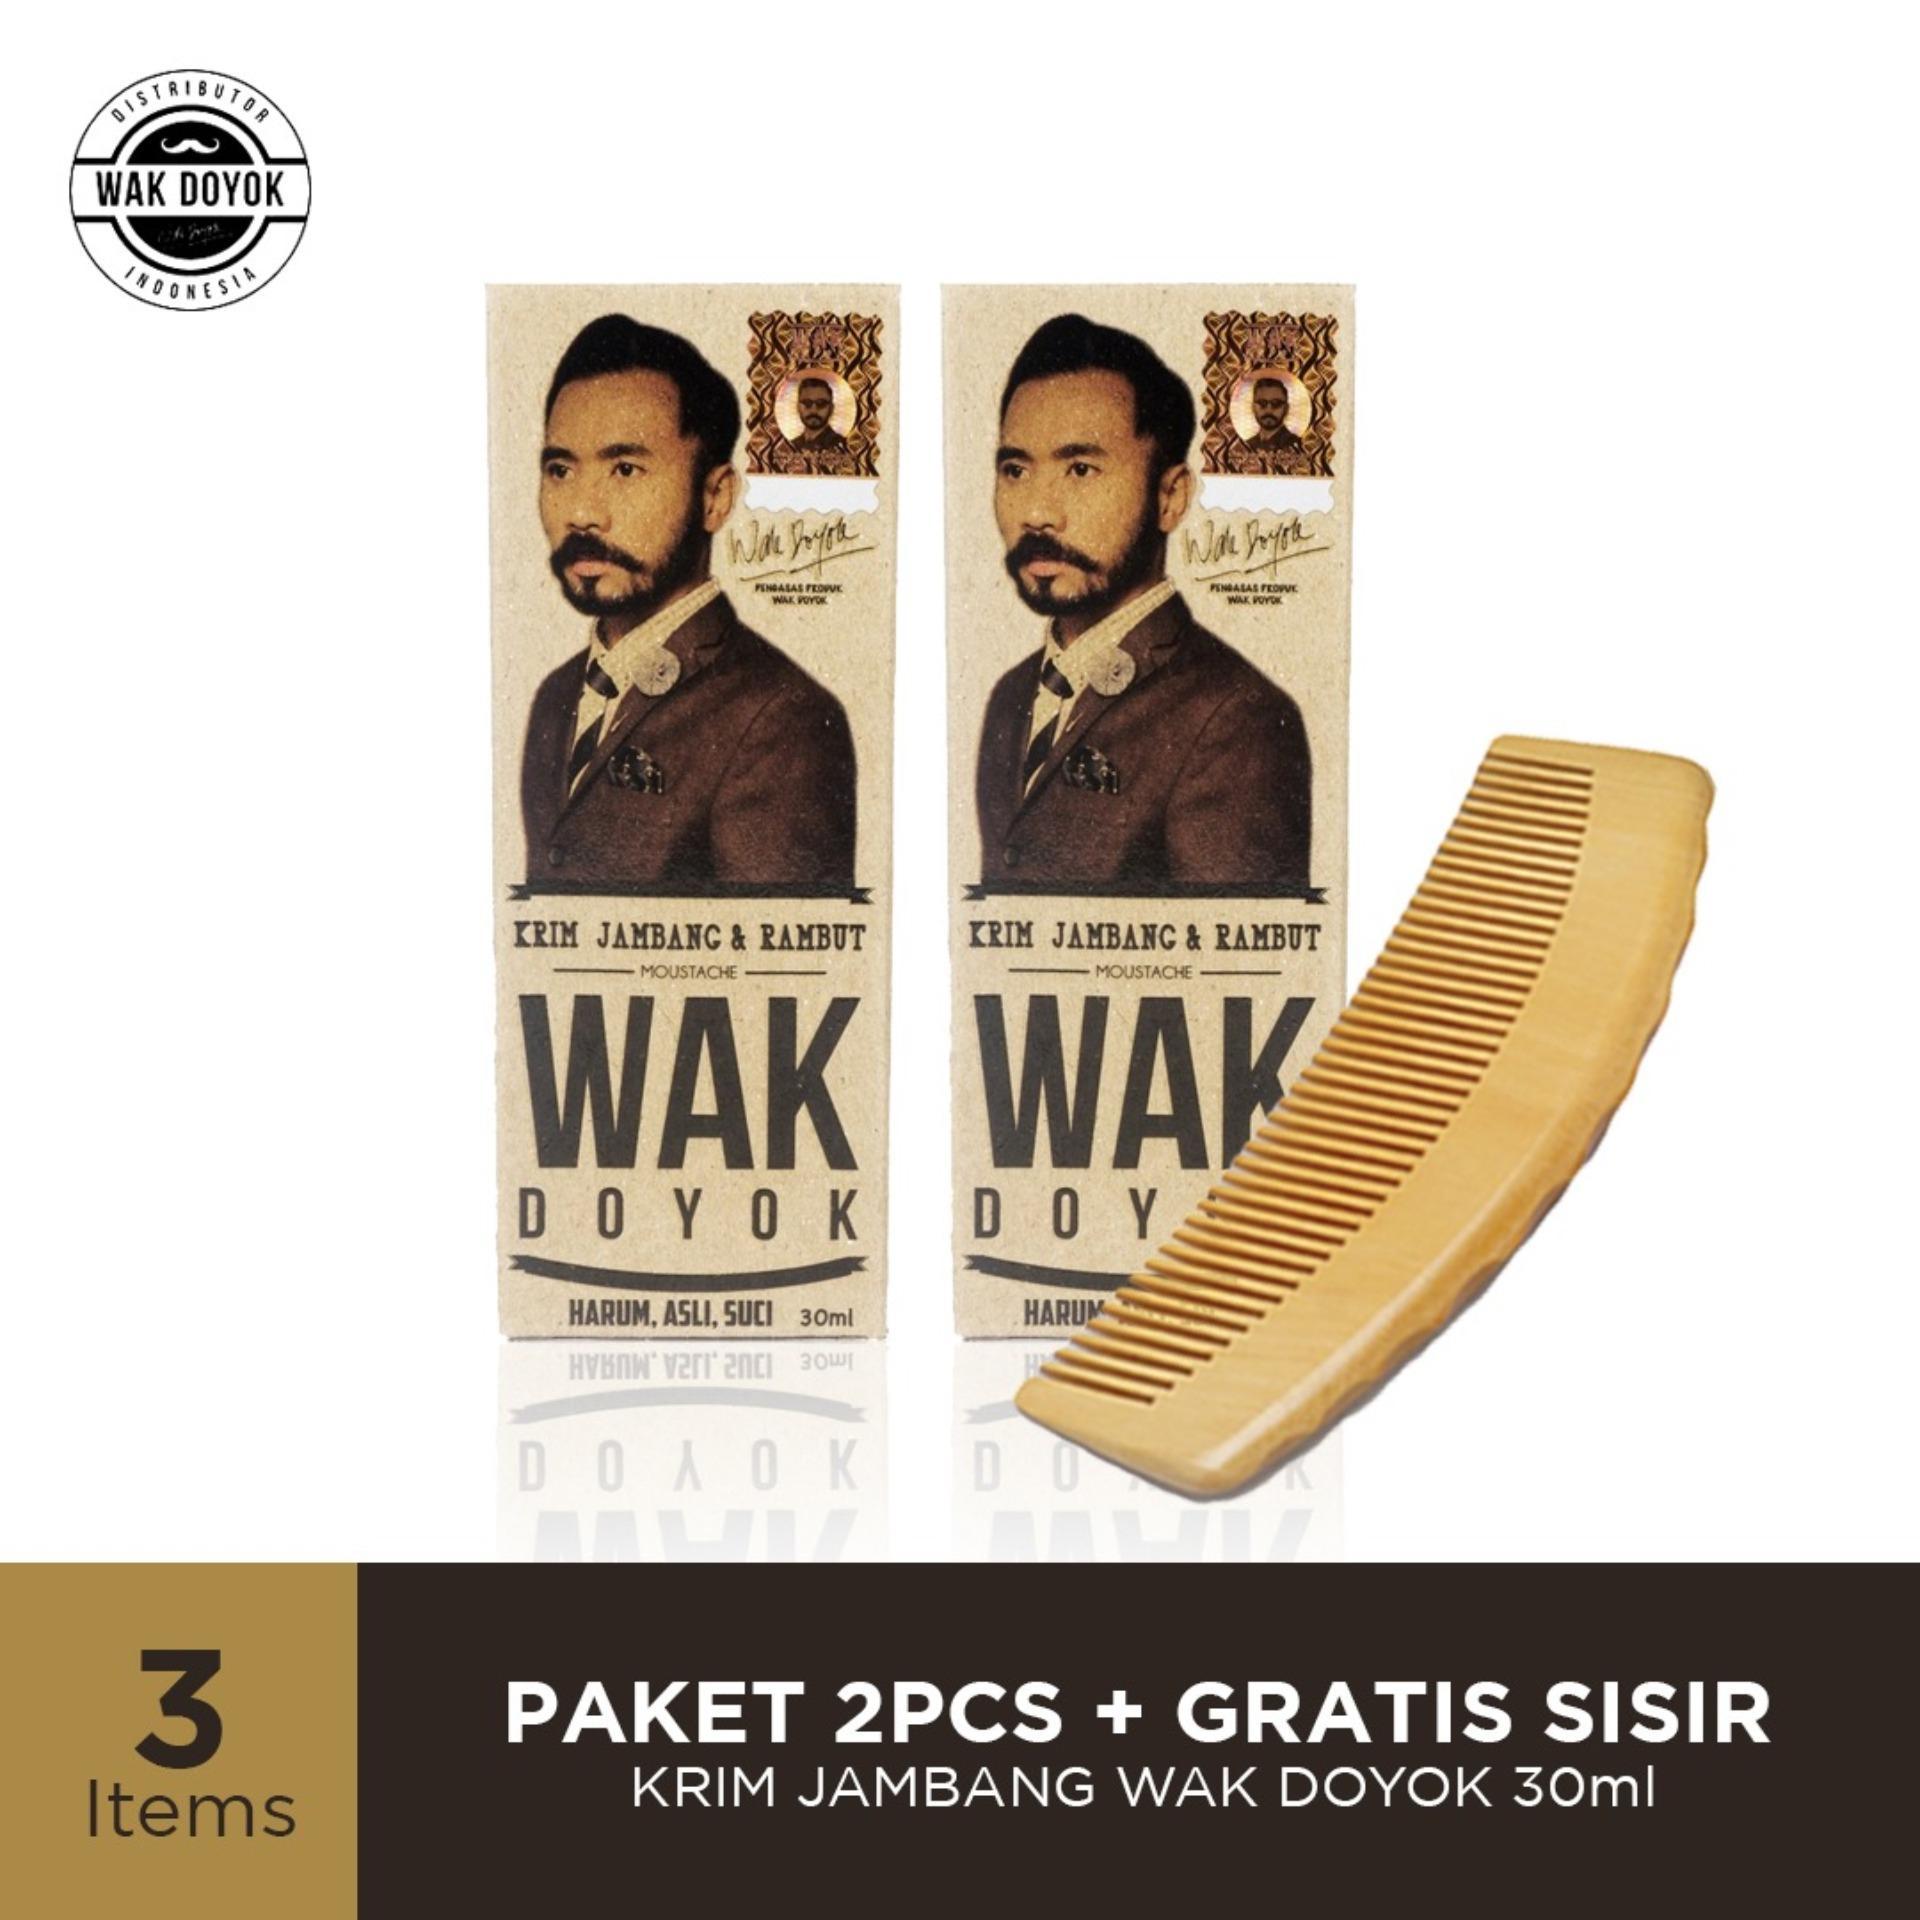 PROMO Special paket 2 pcs Wak Doyok Cream 30ml GRATIS 1Pcs Sisir Kayu - Wakdoyok Krim